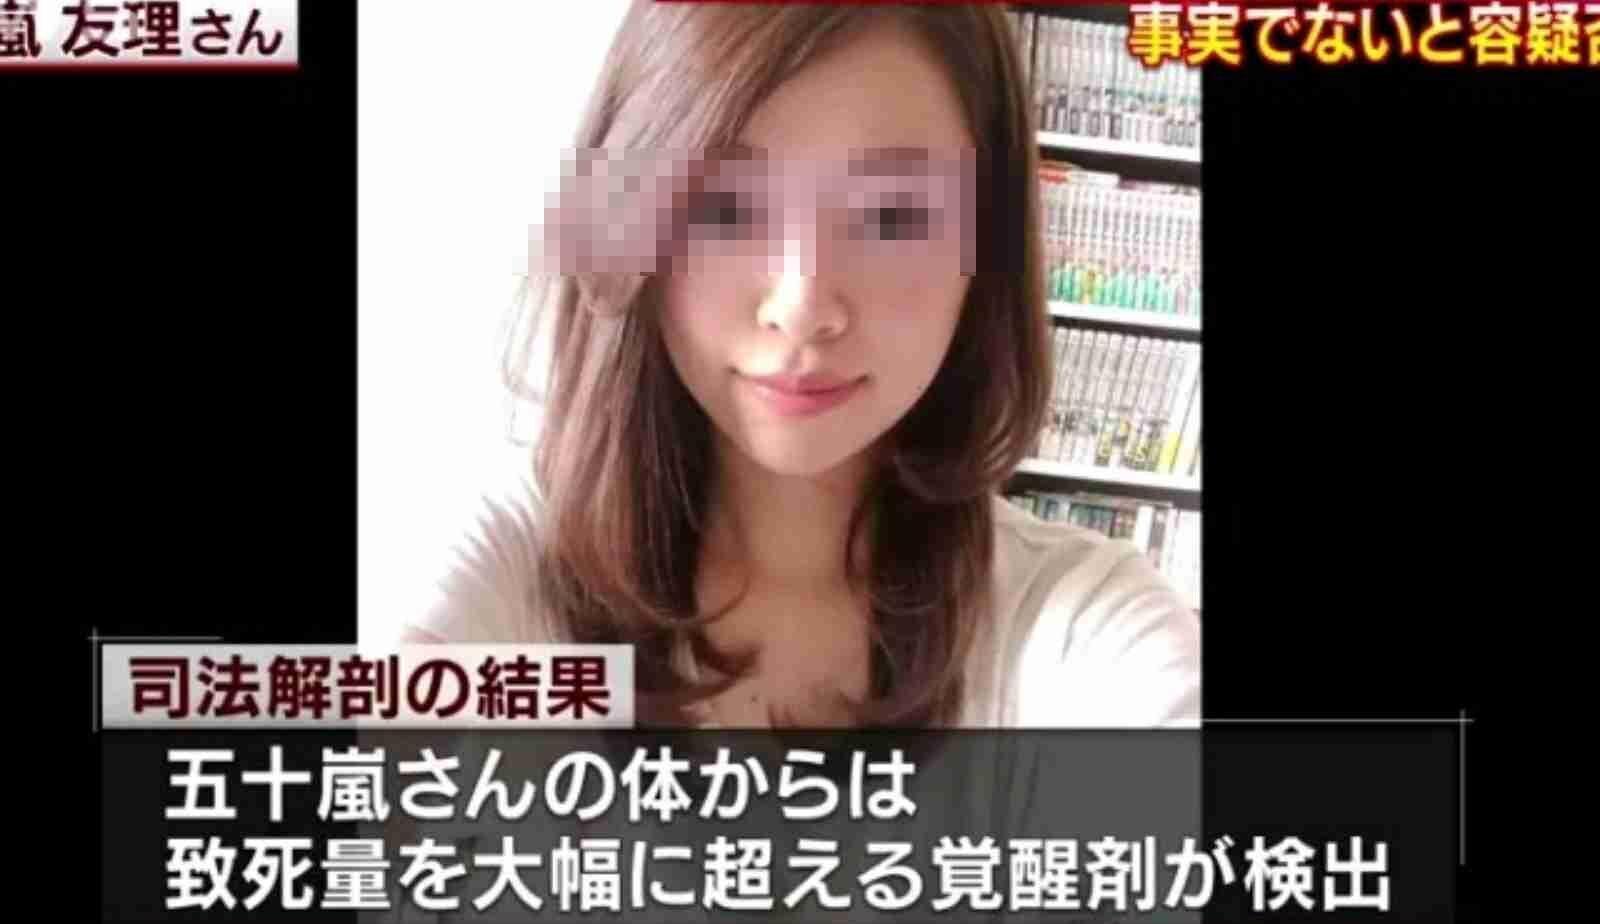 東京都渋谷区の自宅で女性に覚醒剤を服用させて殺害判